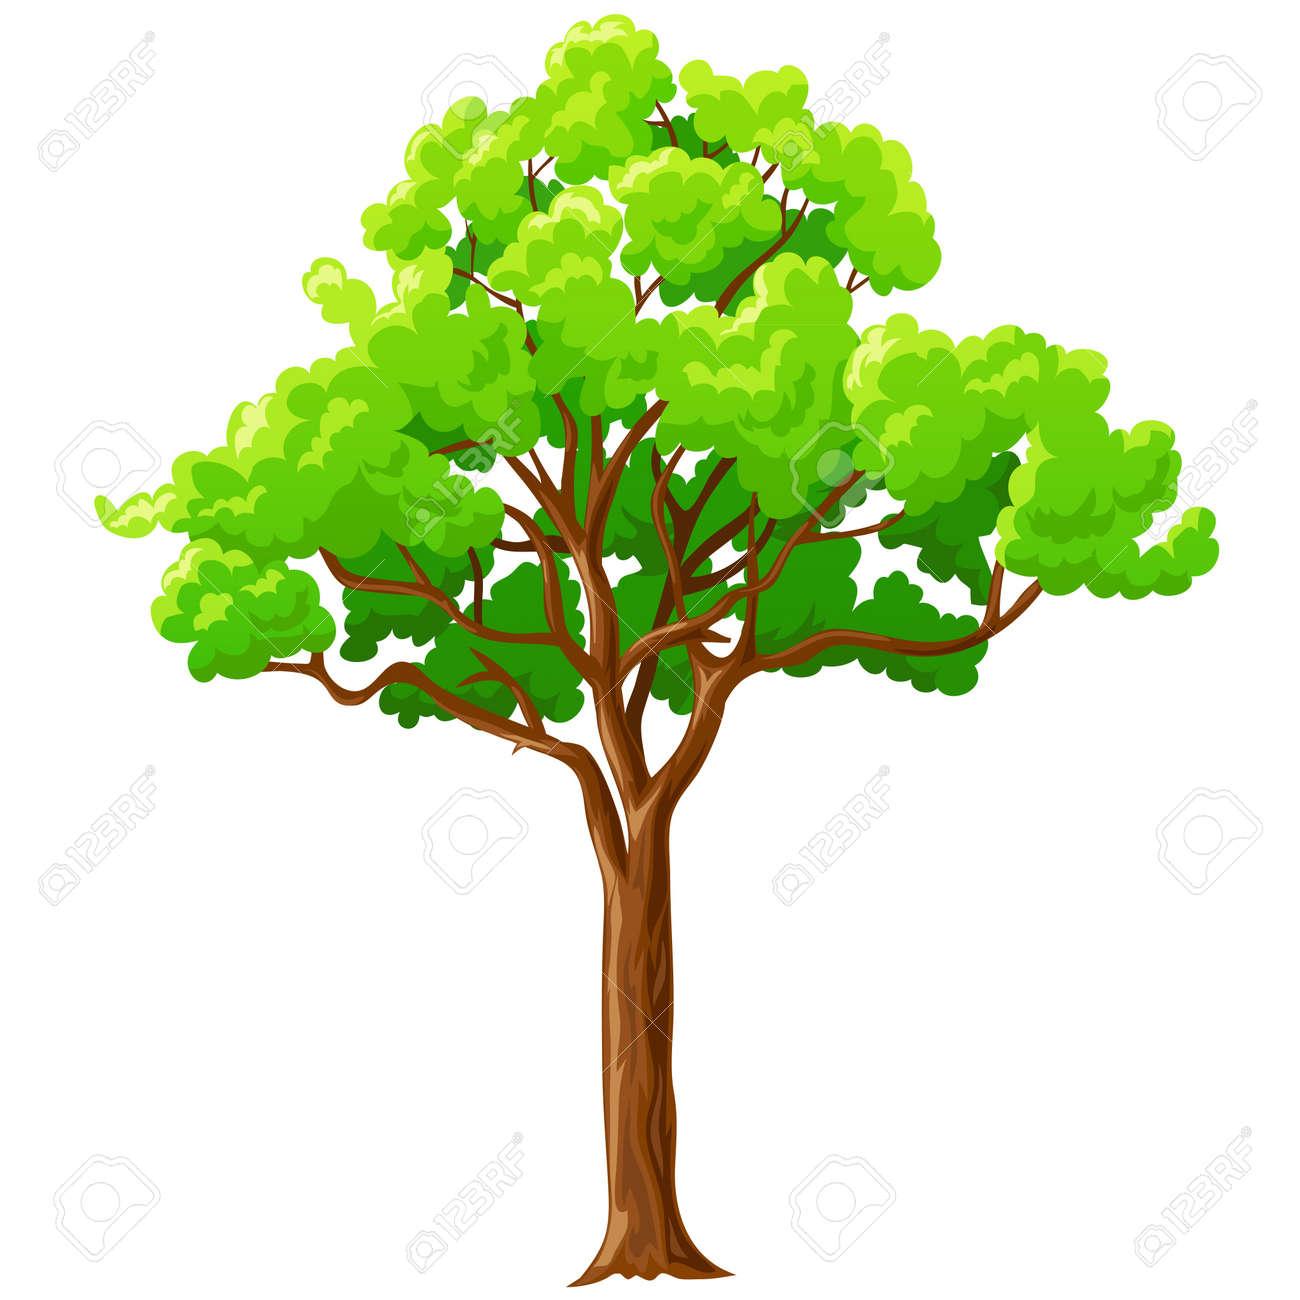 Gran árbol Verde De Dibujos Animados Con Ramas Aisladas En El Fondo